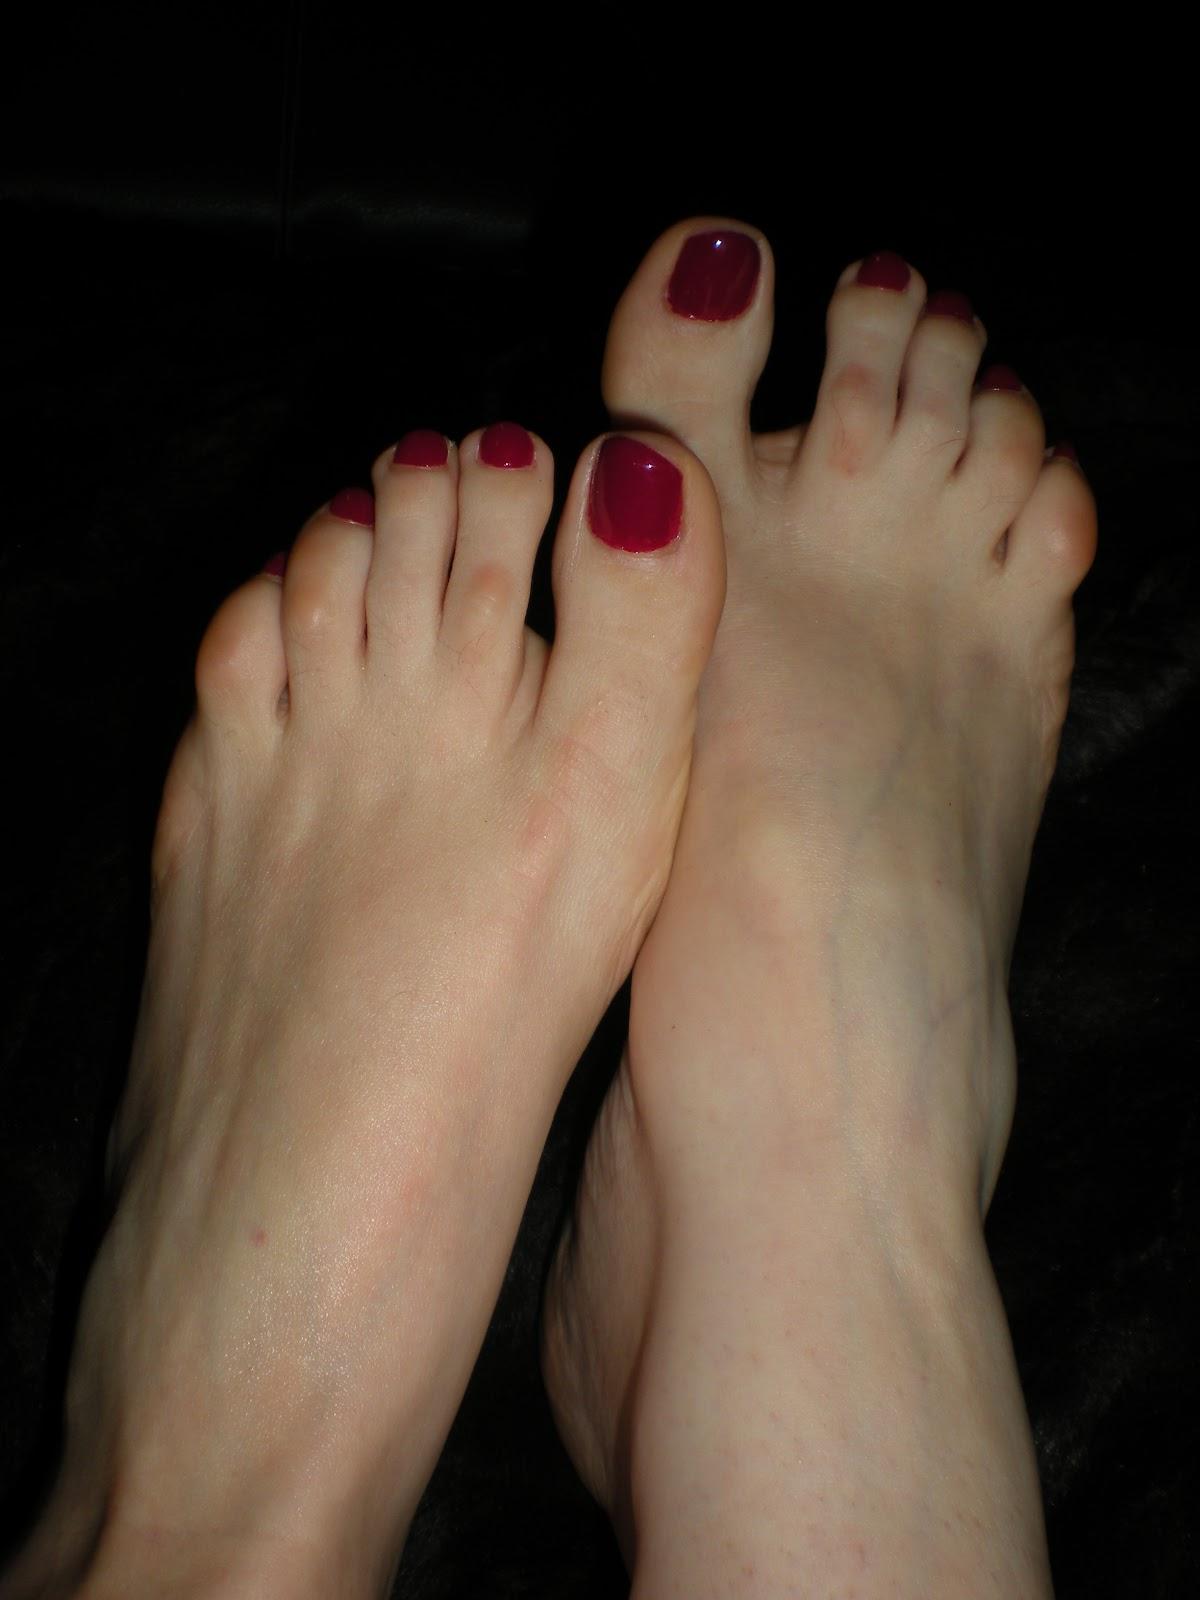 Des talons de beaux pieds une belle queue - 3 7